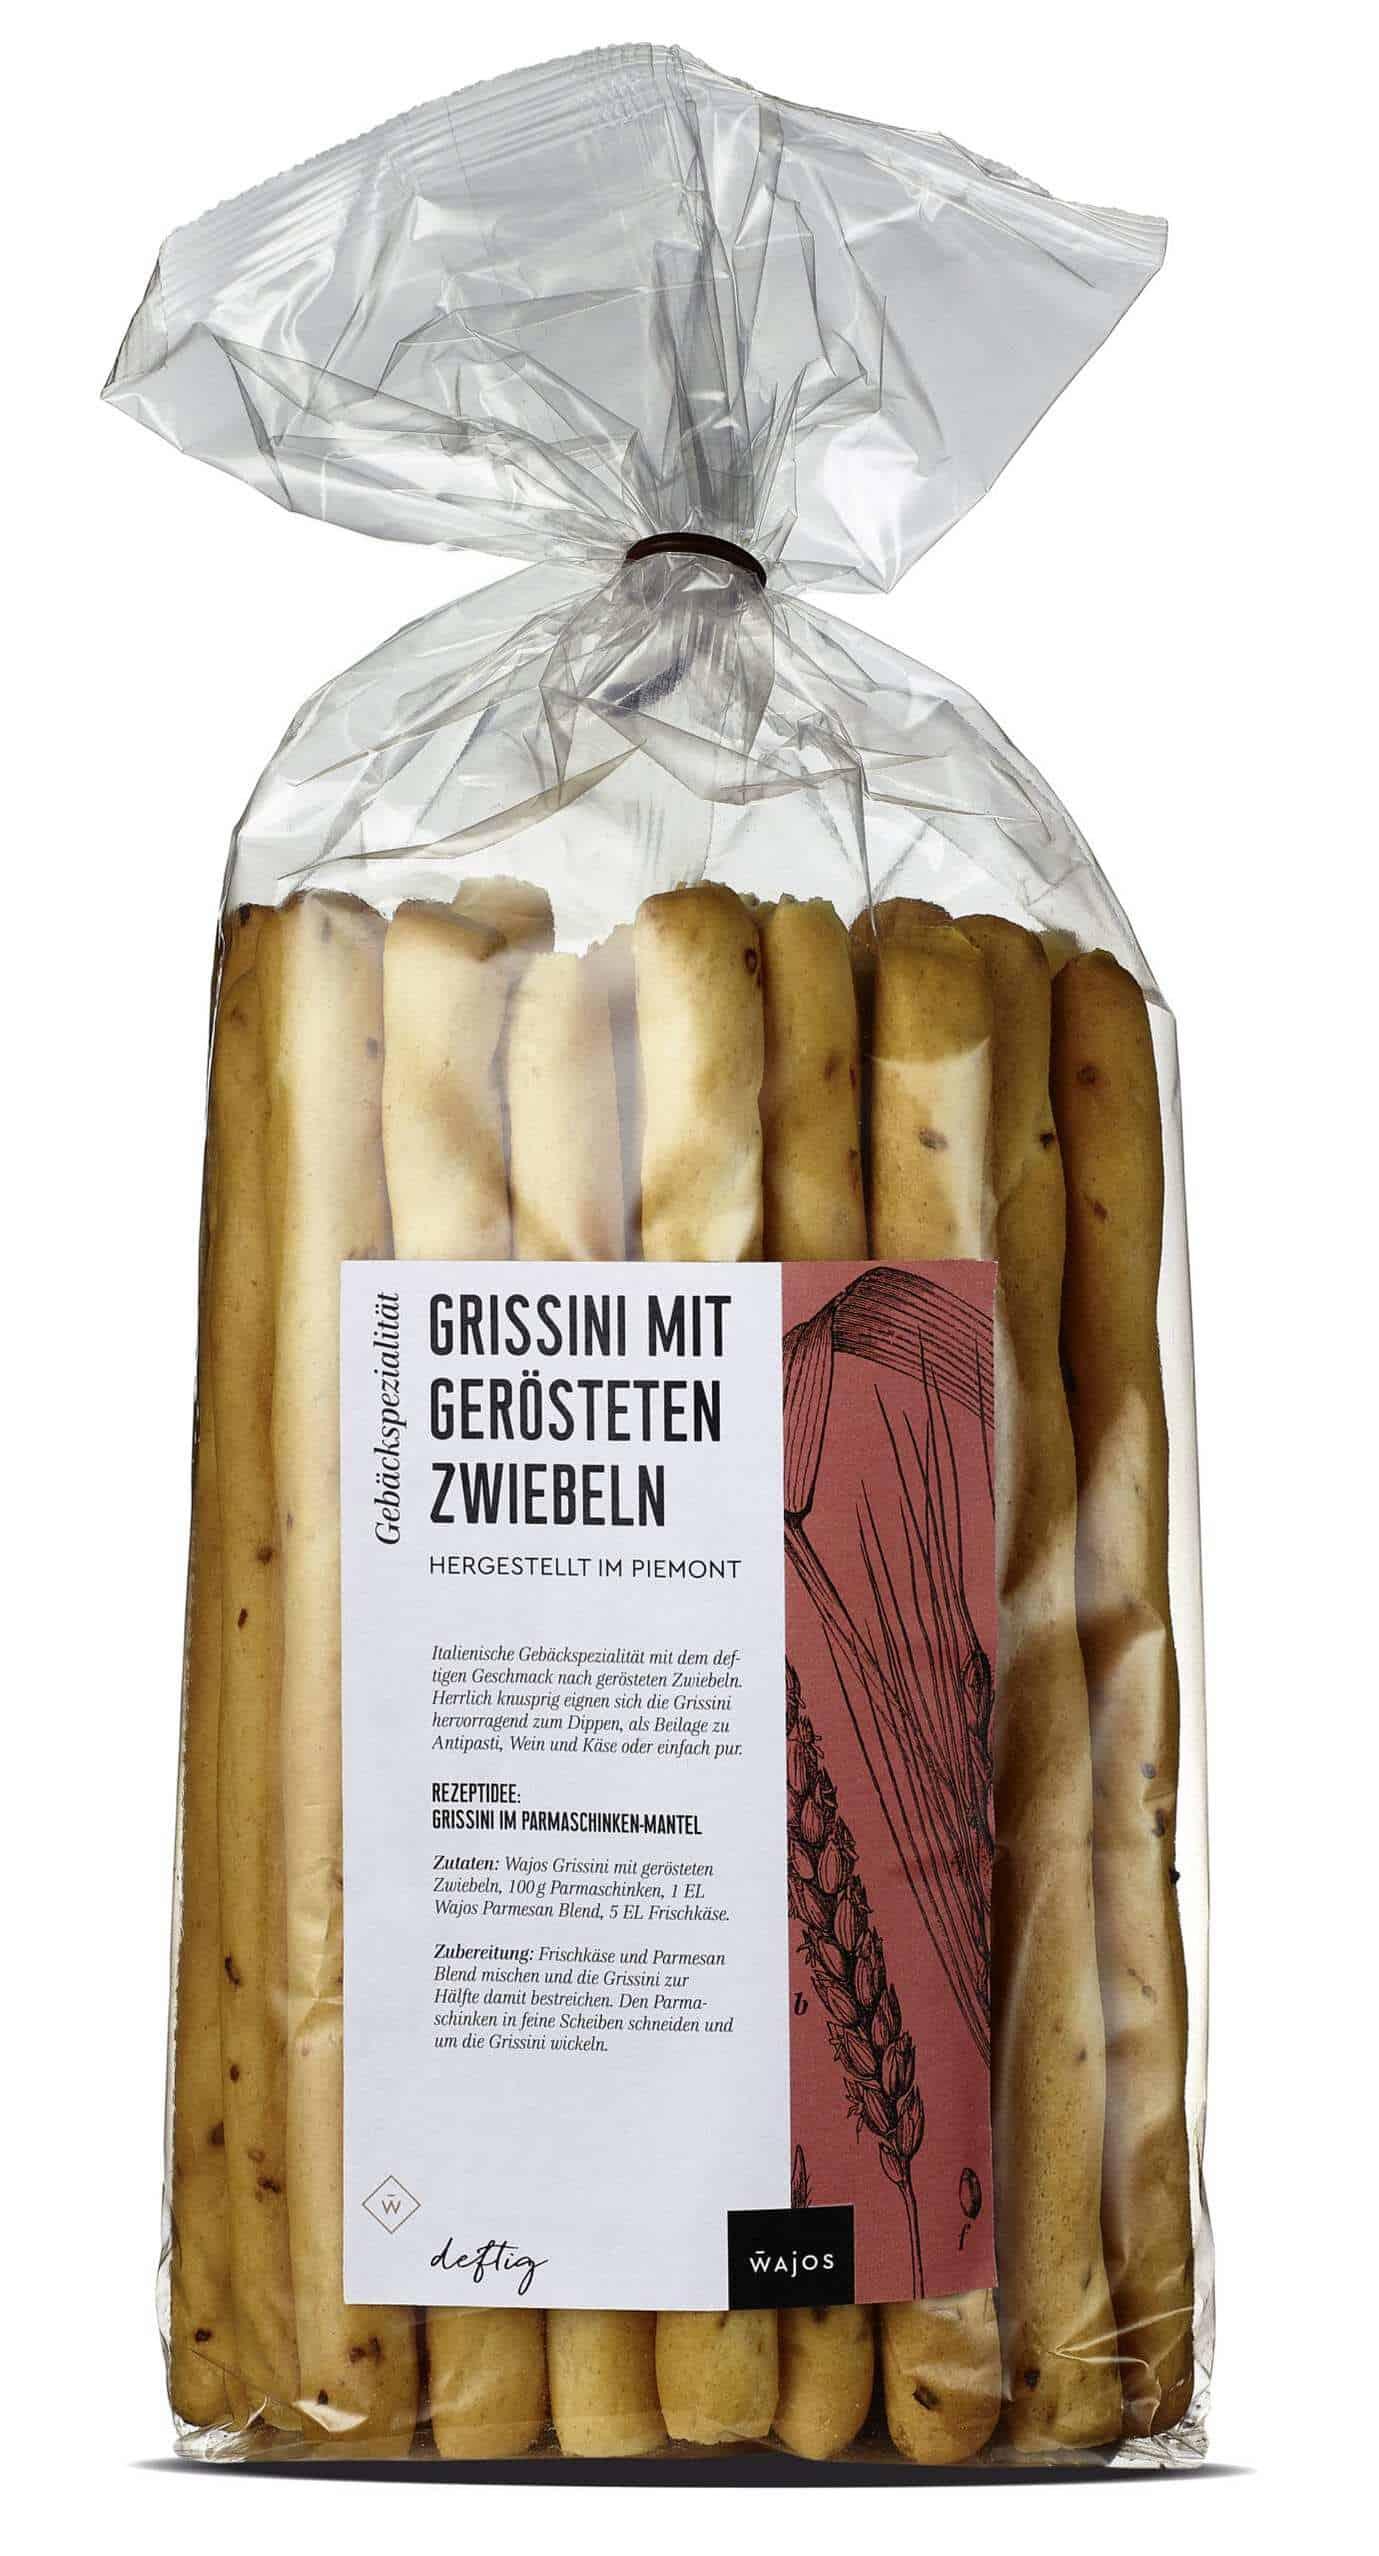 Grissini mit gerösteten Zwiebeln